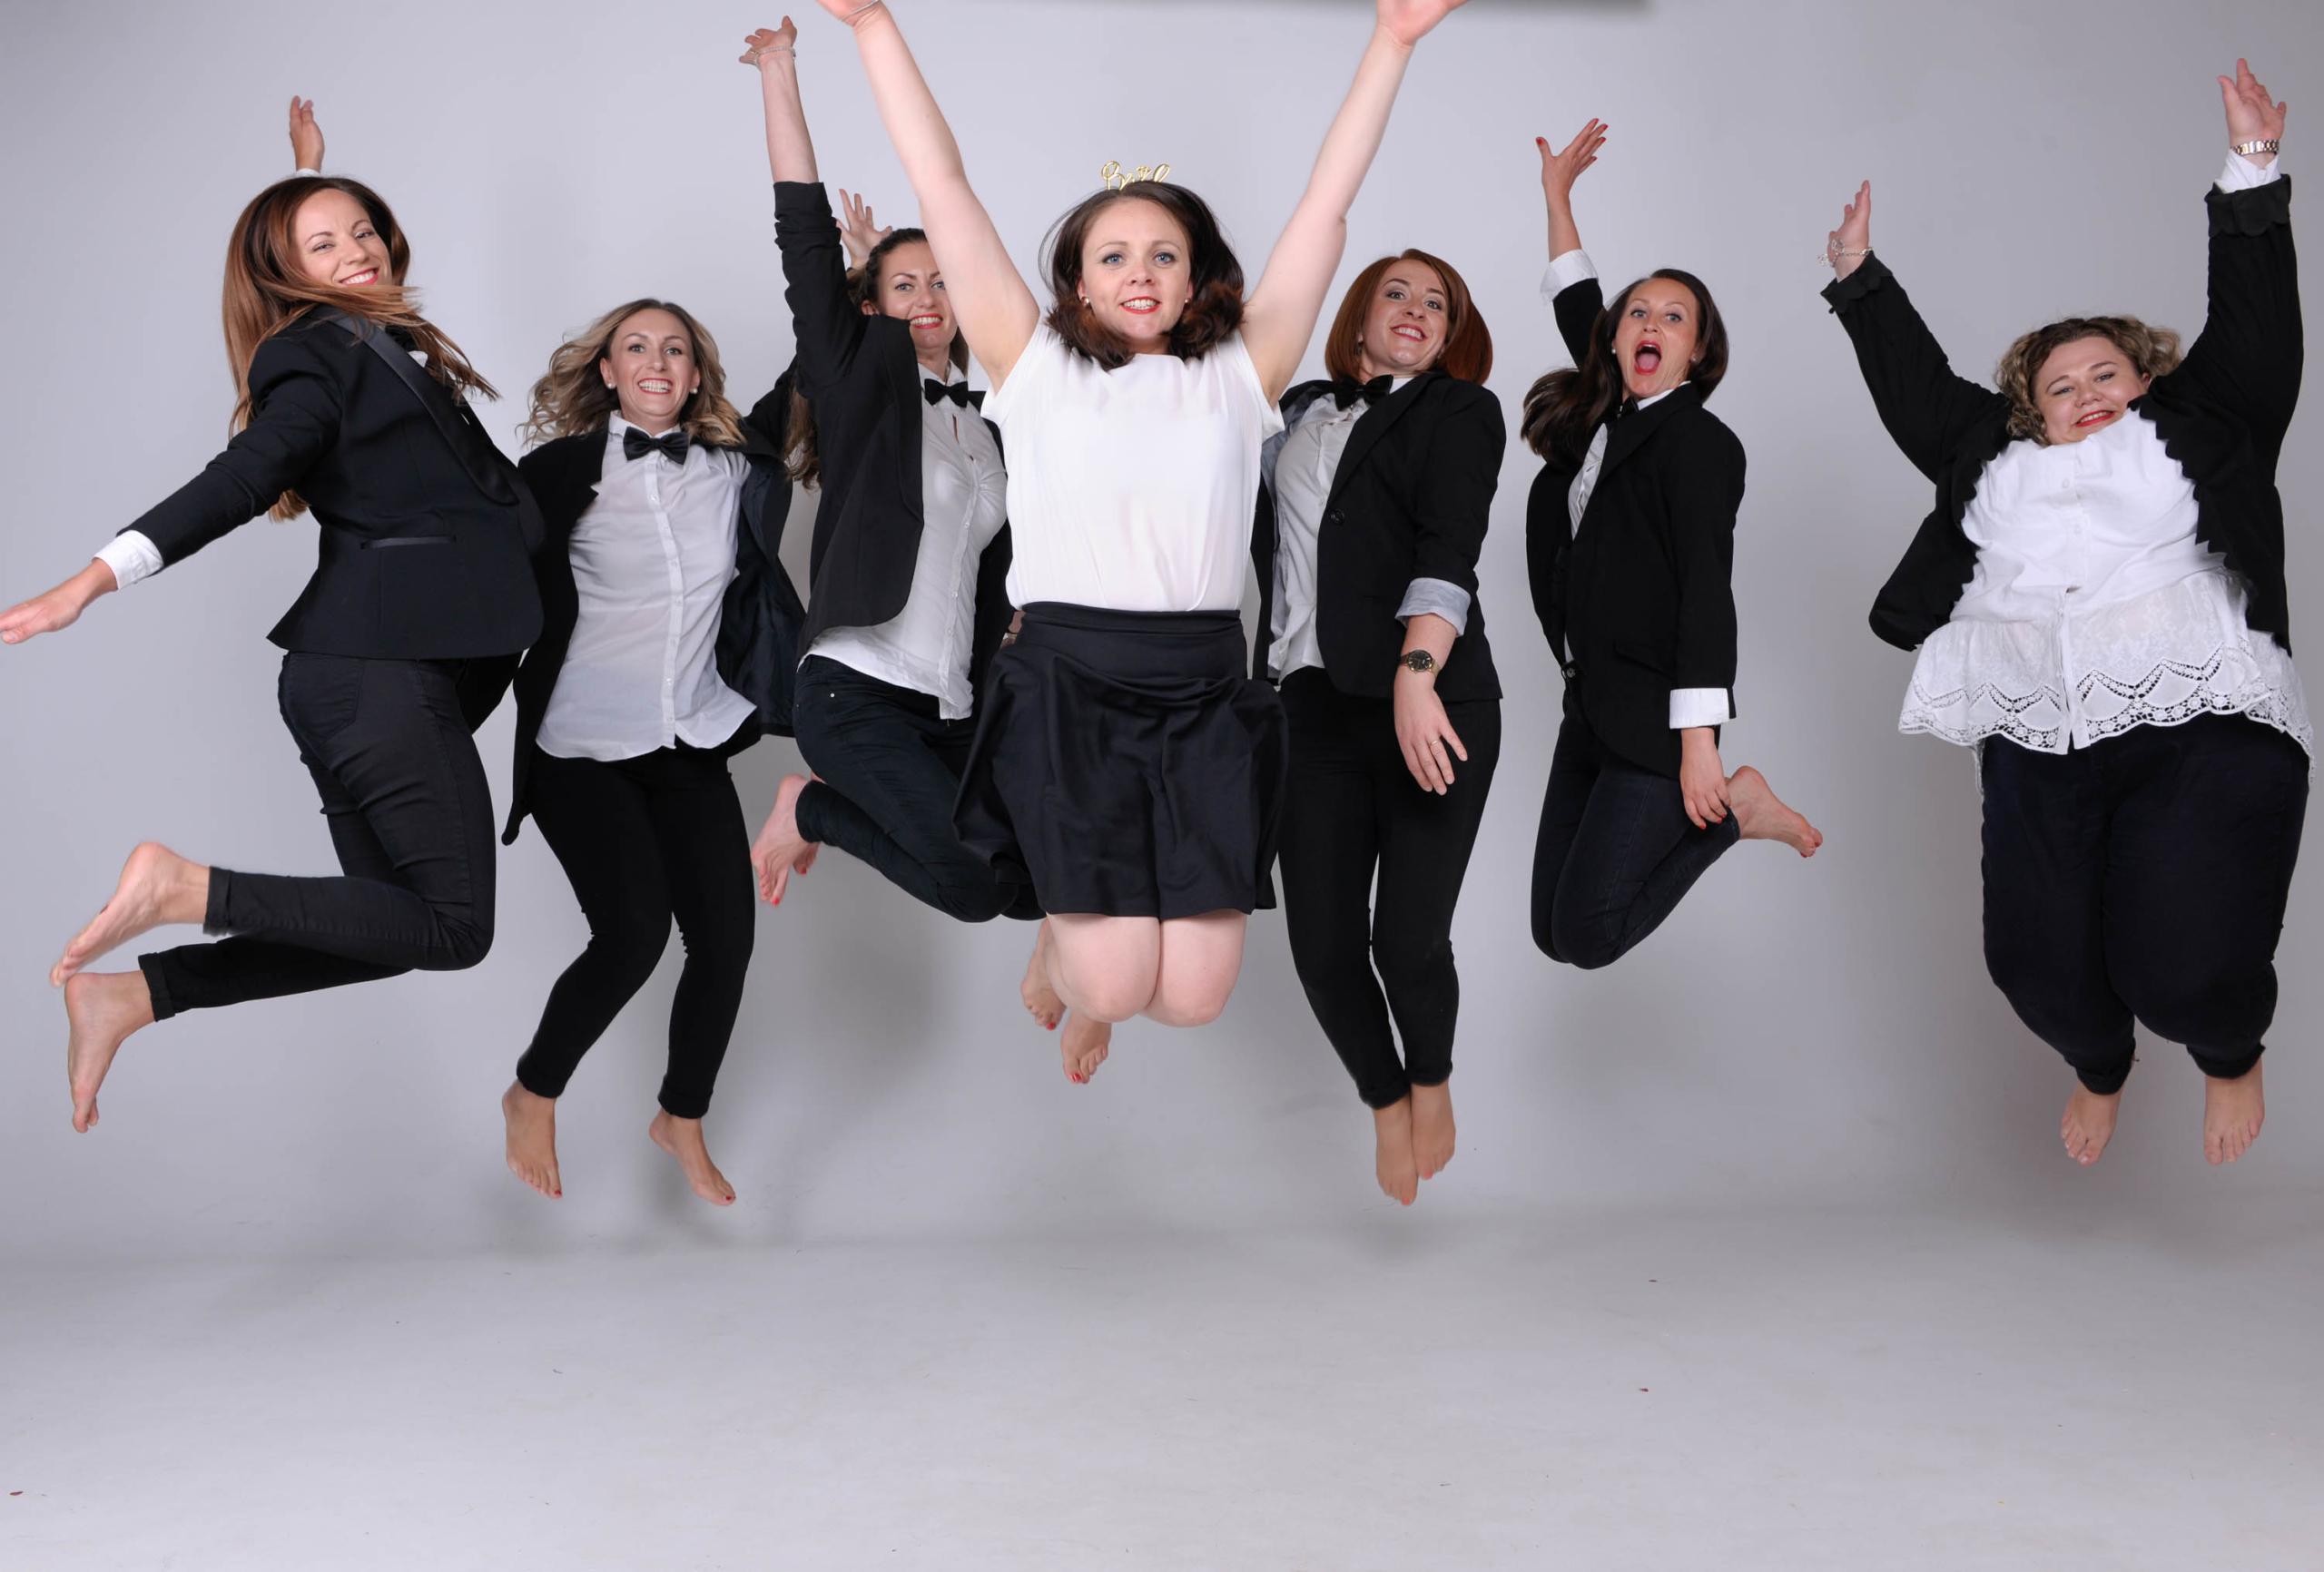 Frauen springen hoch im Fotostudio